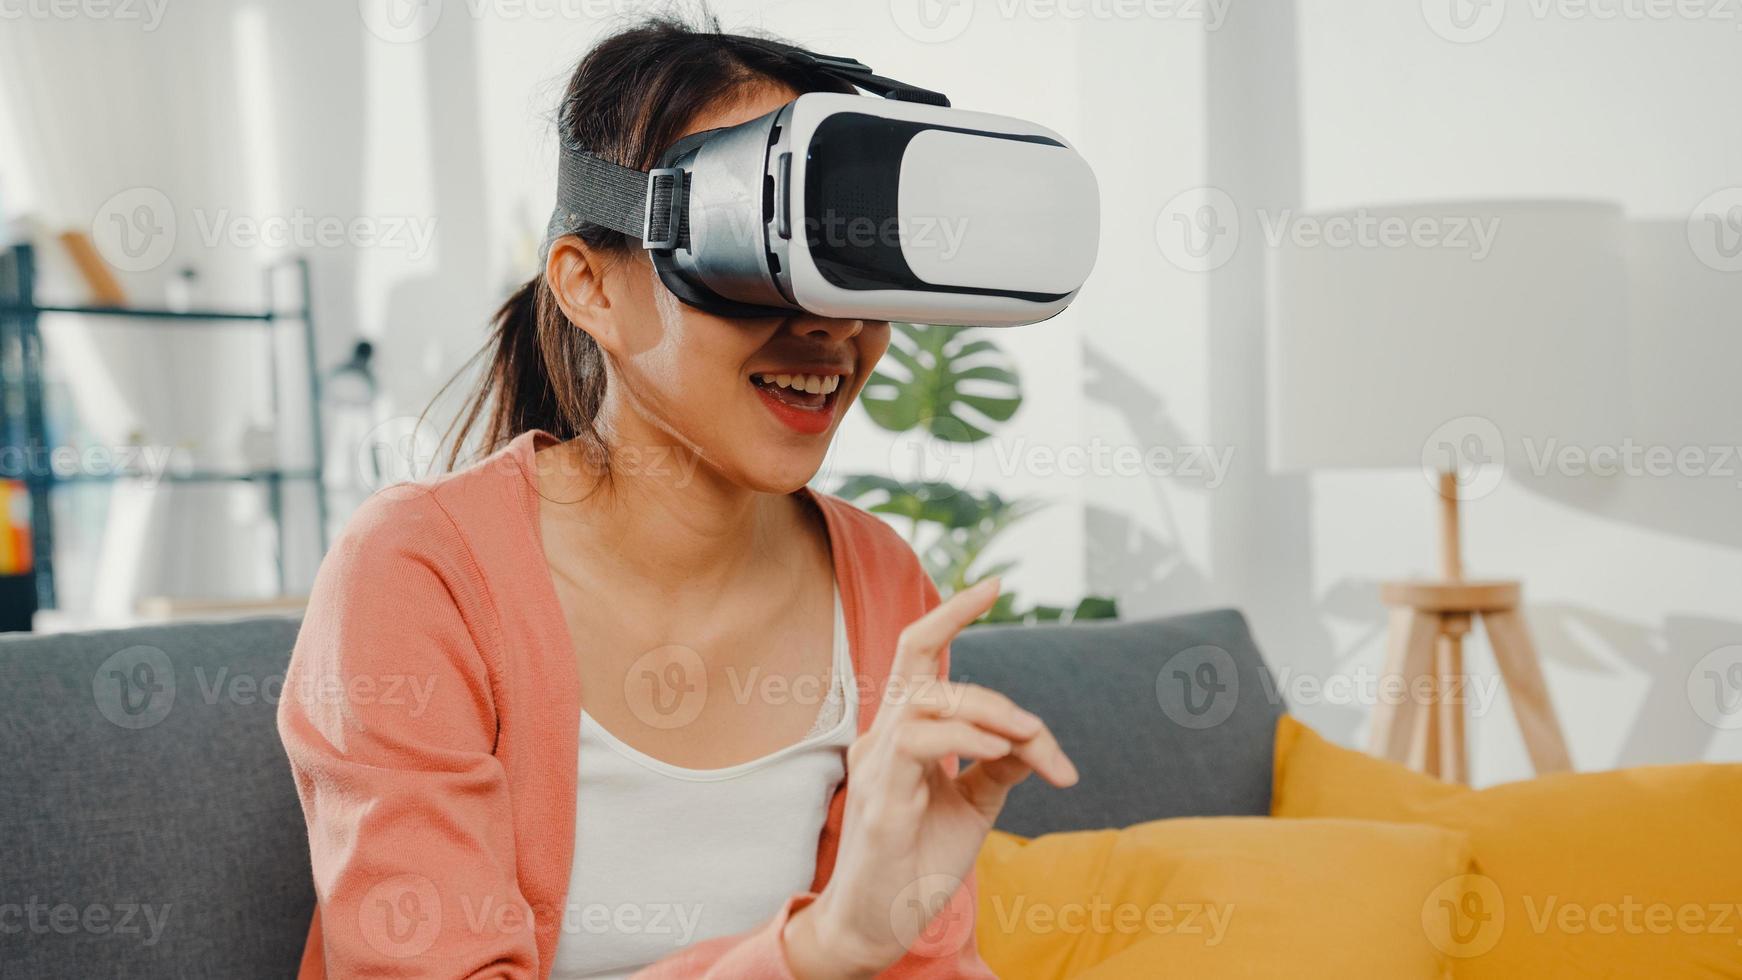 signora asiatica che indossa gli occhiali auricolare della mano gesticolante della realtà virtuale seduta sul divano nel soggiorno di casa. resta a casa quarantena covid, re-immaginando la realtà, tecnologia vr del concetto futuro. foto